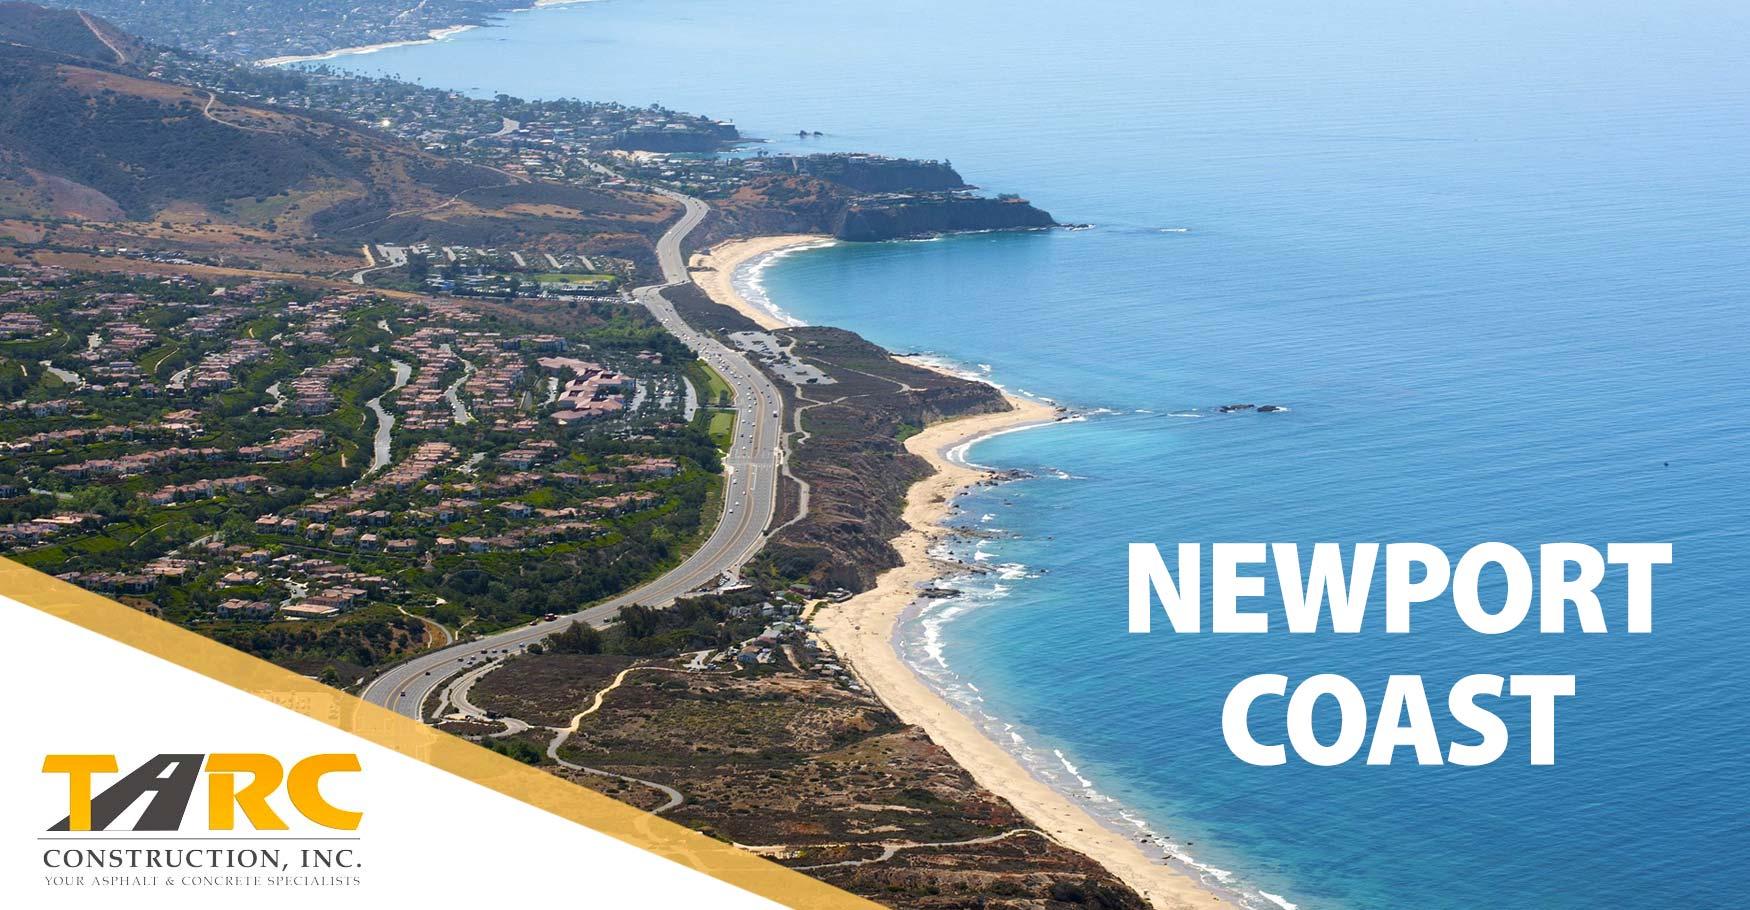 Tarc Tips: Newport Coast